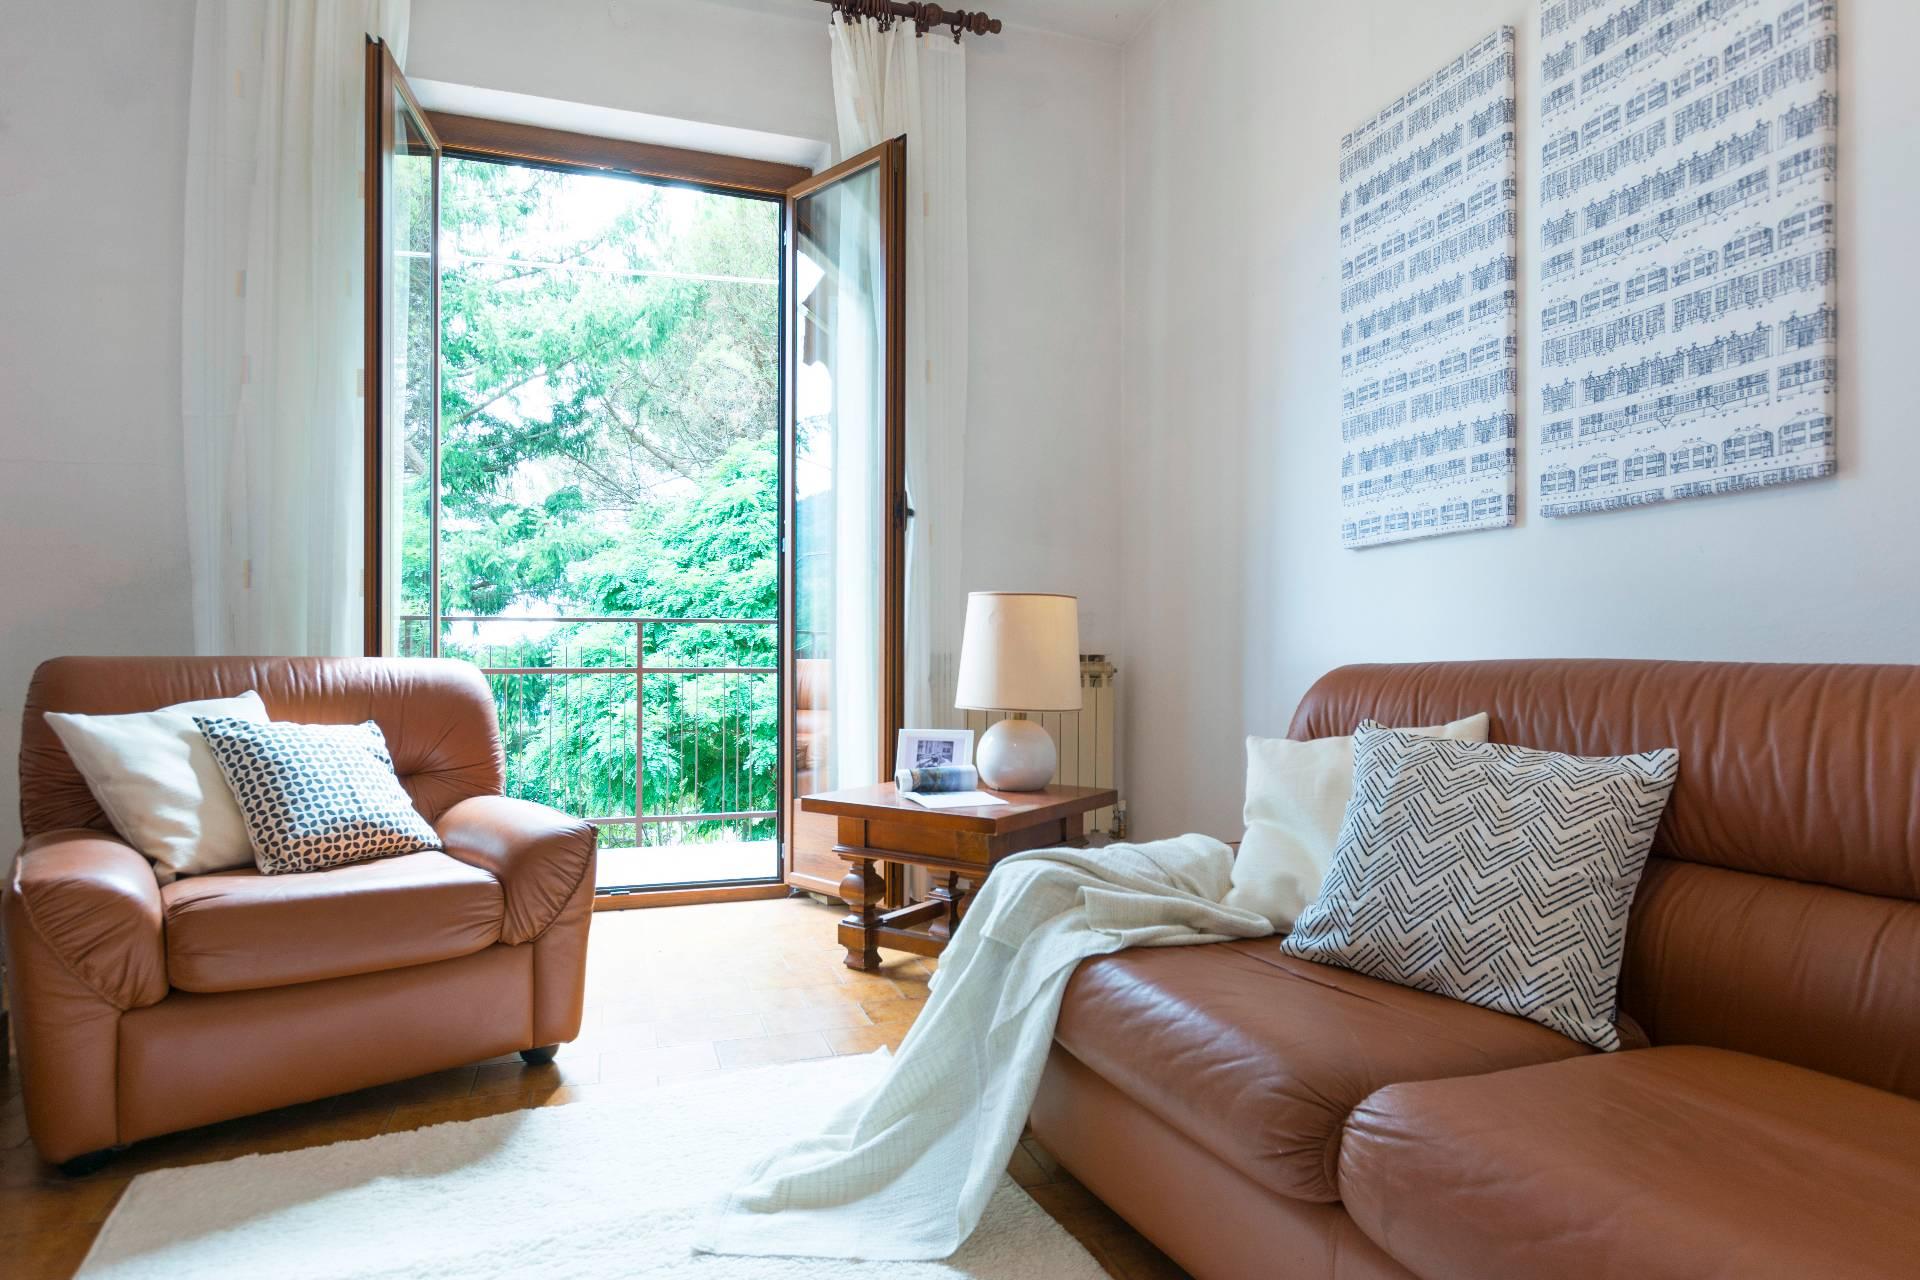 Annunci immobiliari di vendita a calice al cornoviglio for Annunci immobiliari